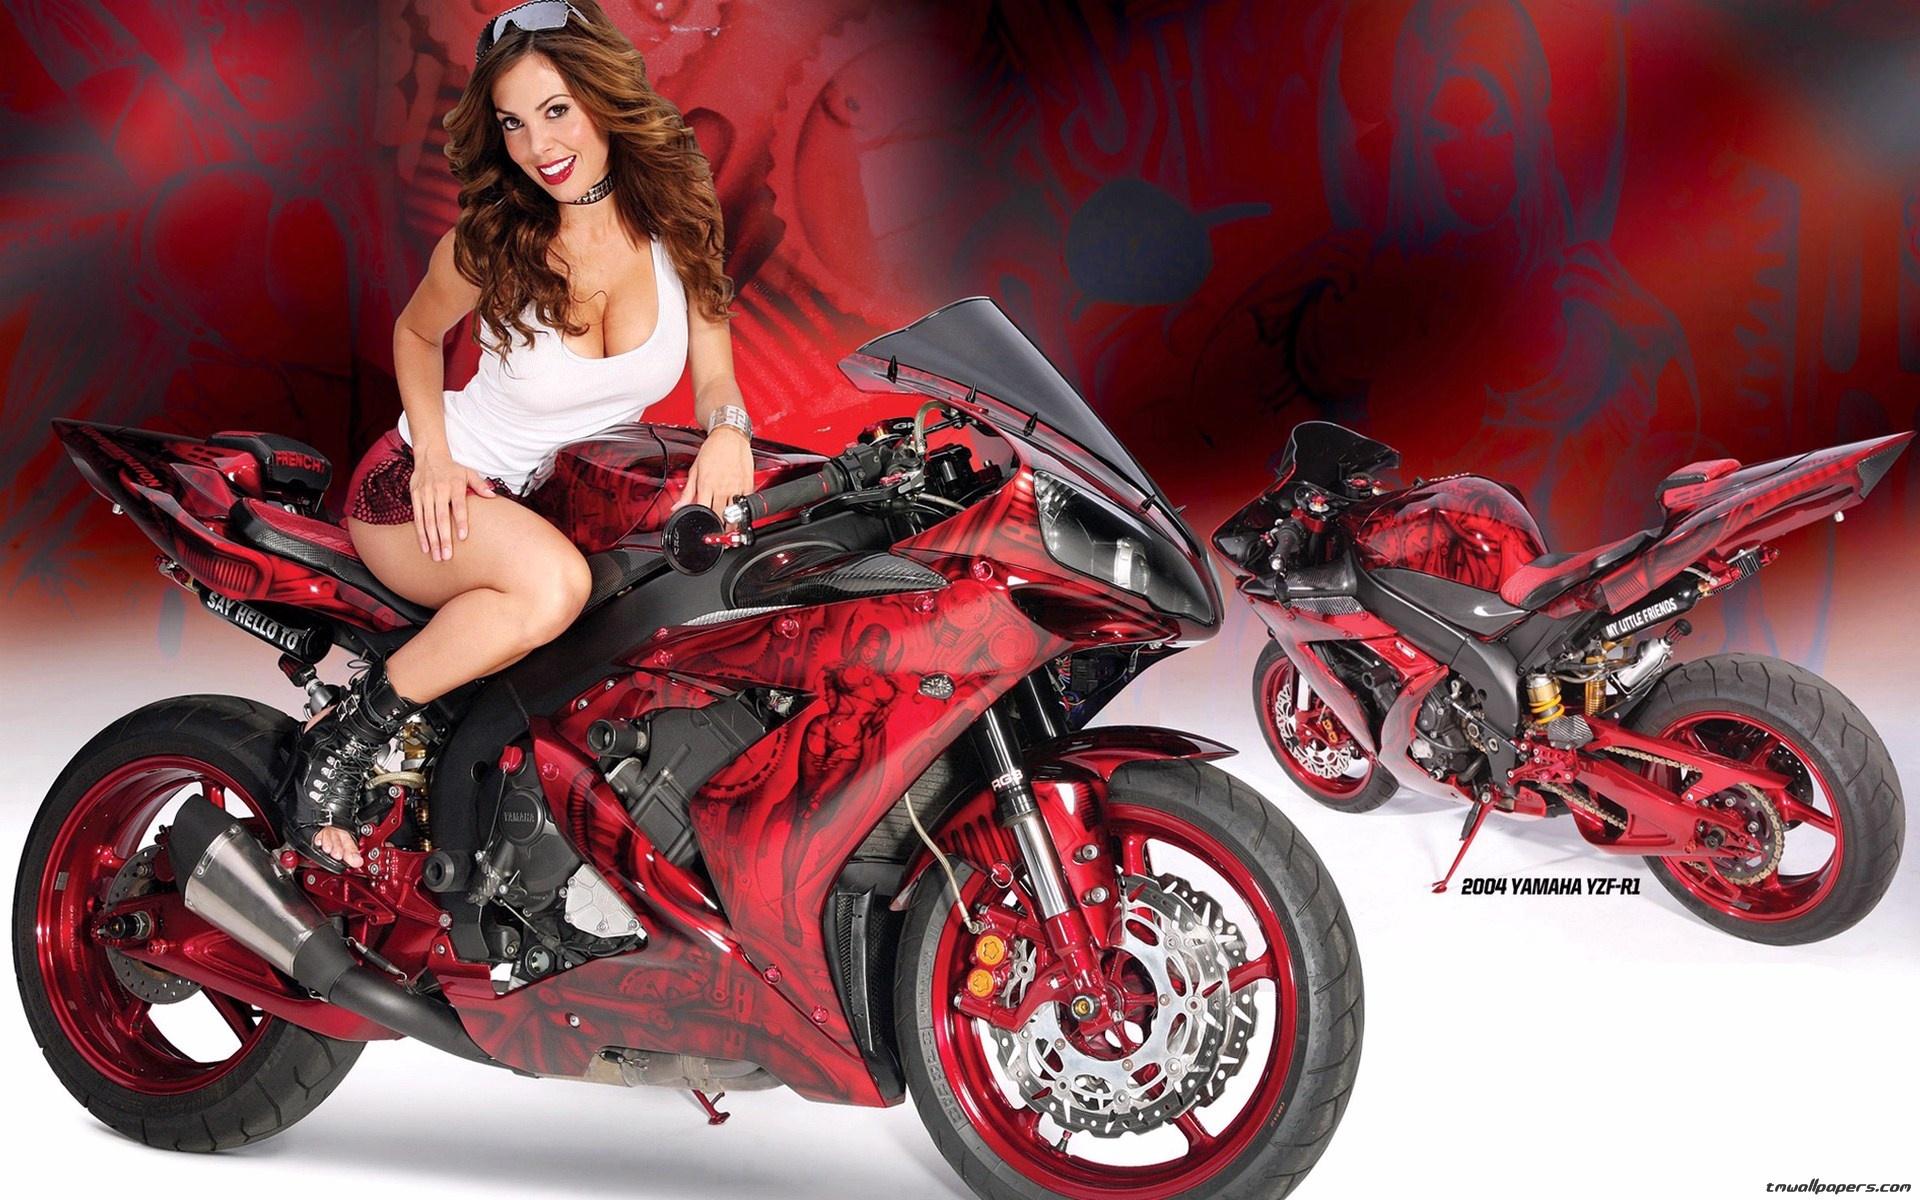 Мотоцикл ямаха фото для девушек